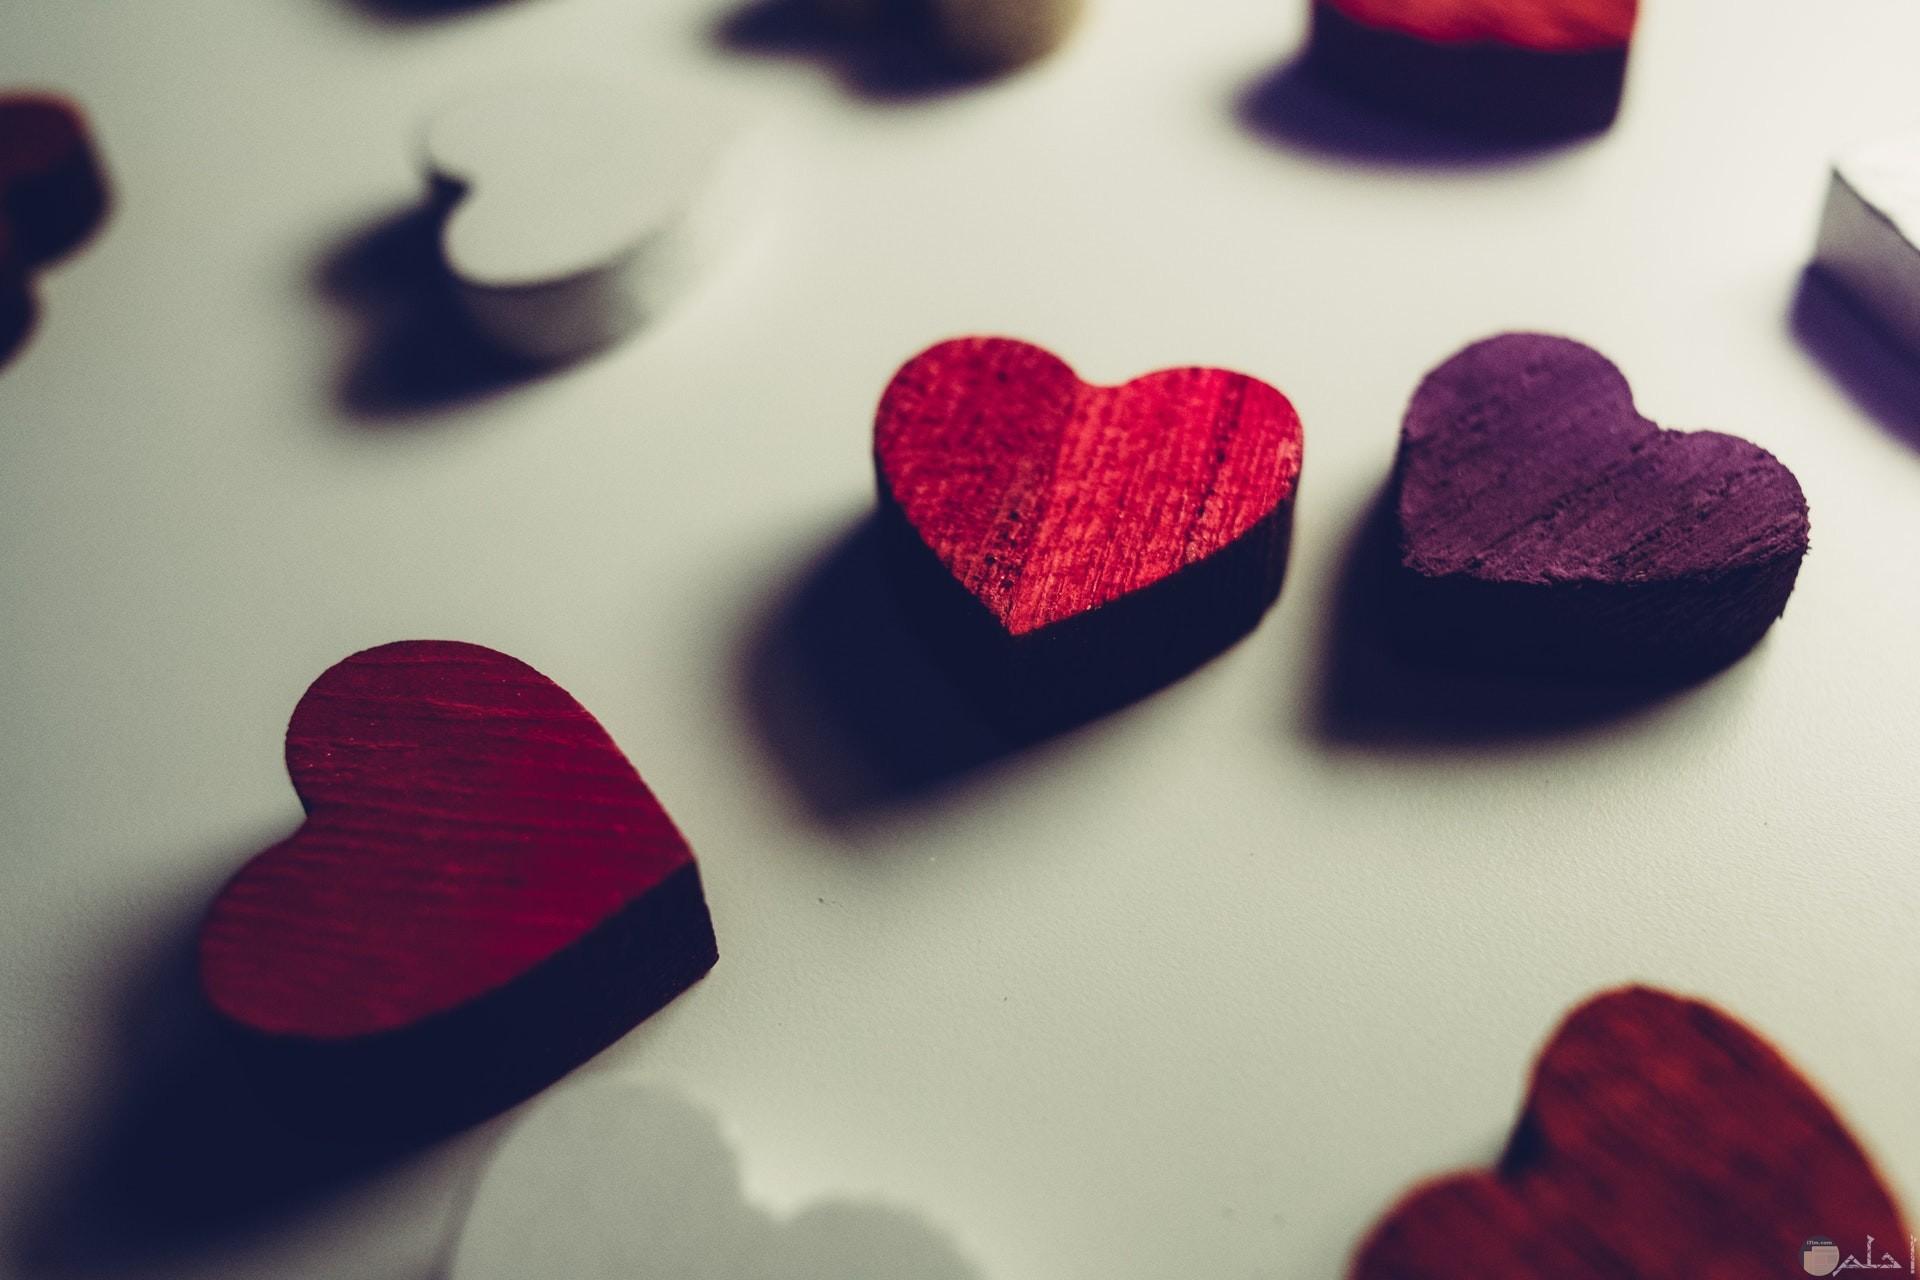 صورة جميلة جدا لقلوب حمراء وبنفسجي وبيضاء حلوة